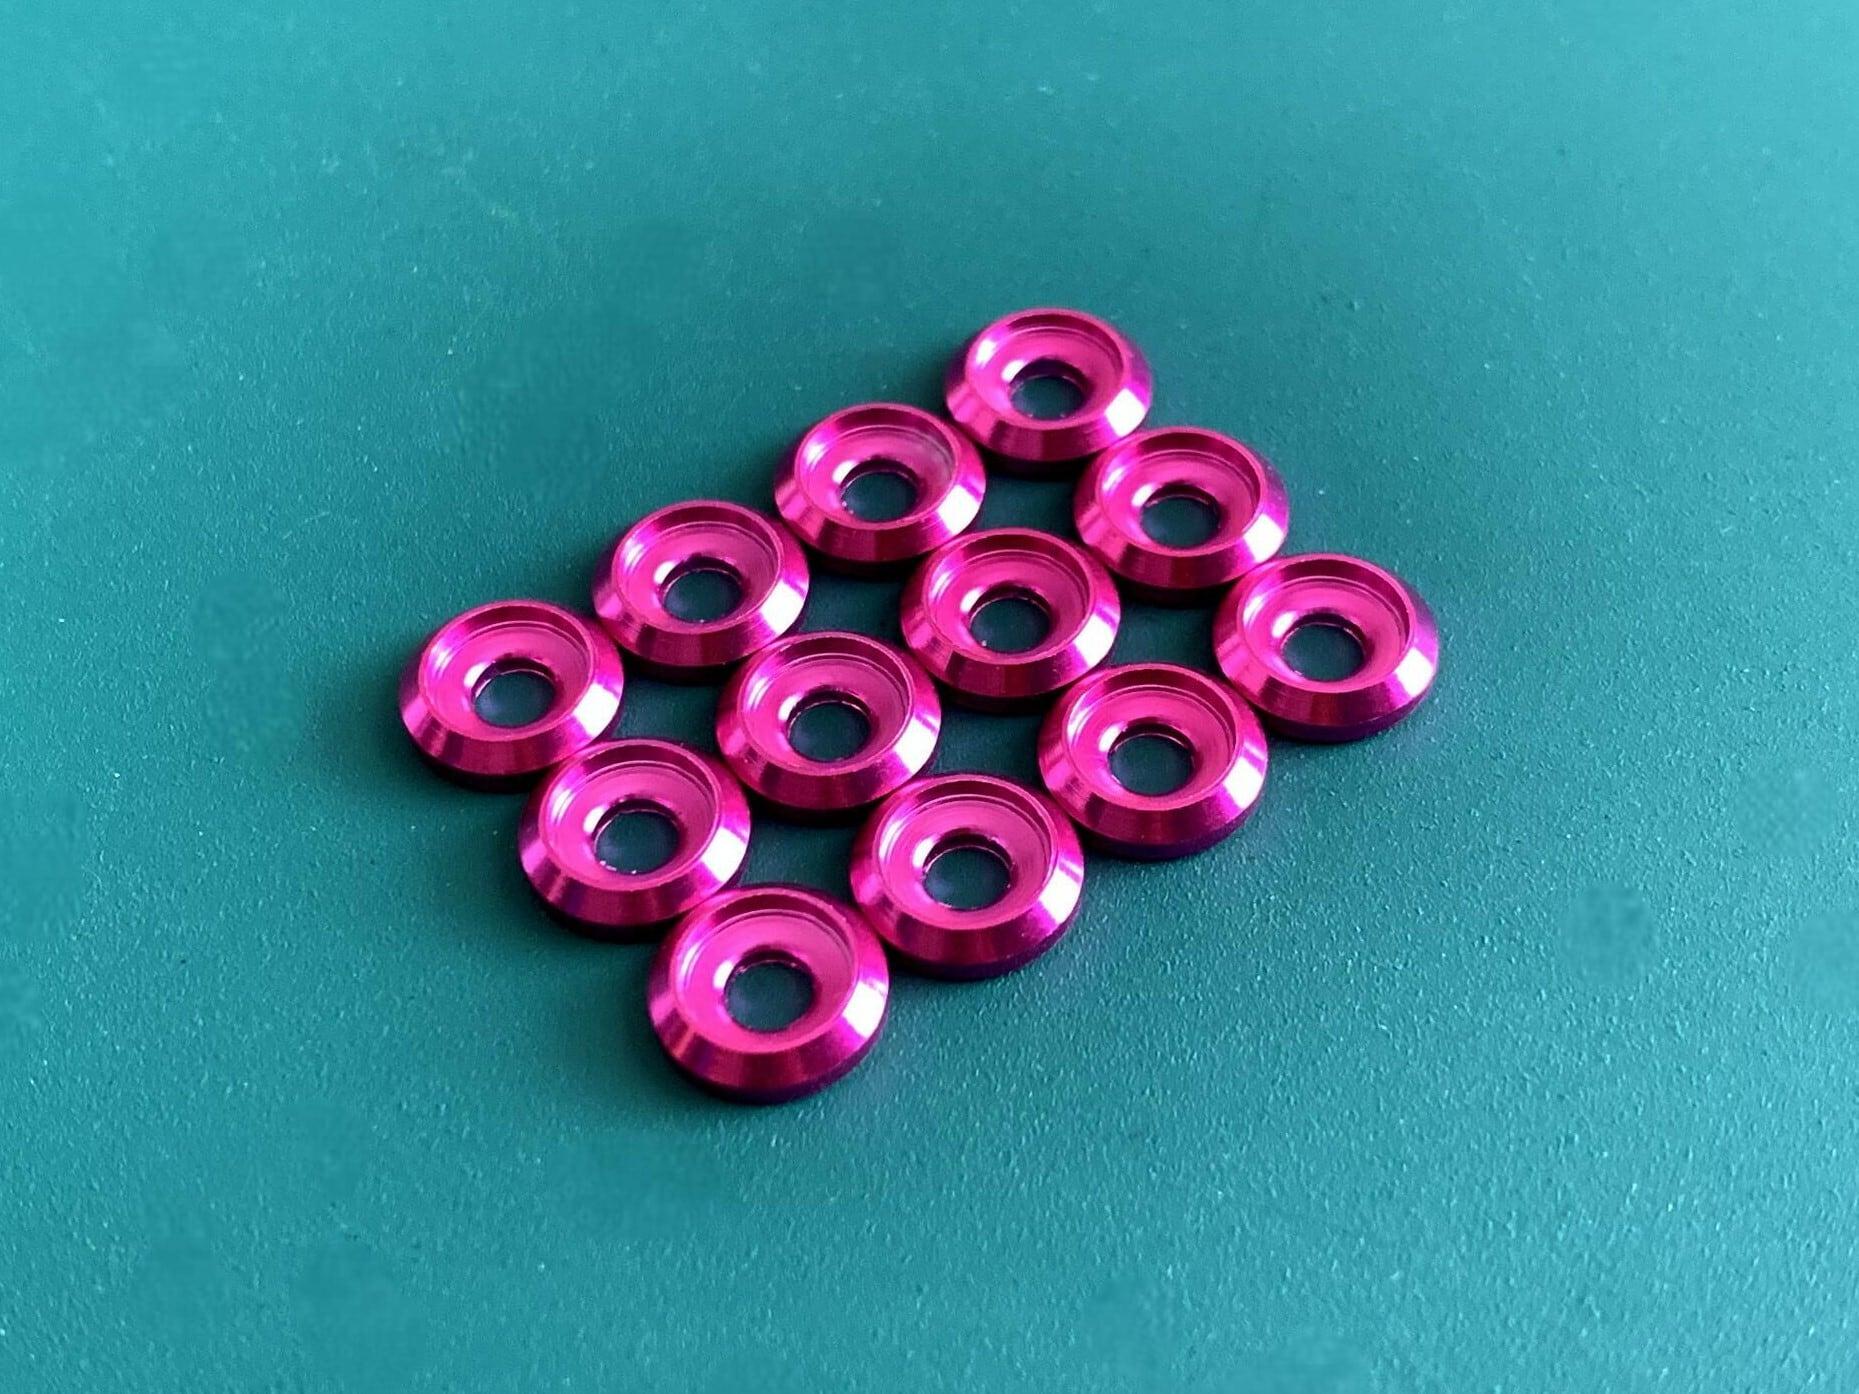 ◆M3キャップボルト用 カラーアルミワッシャー 12個セット カラー / ピンク